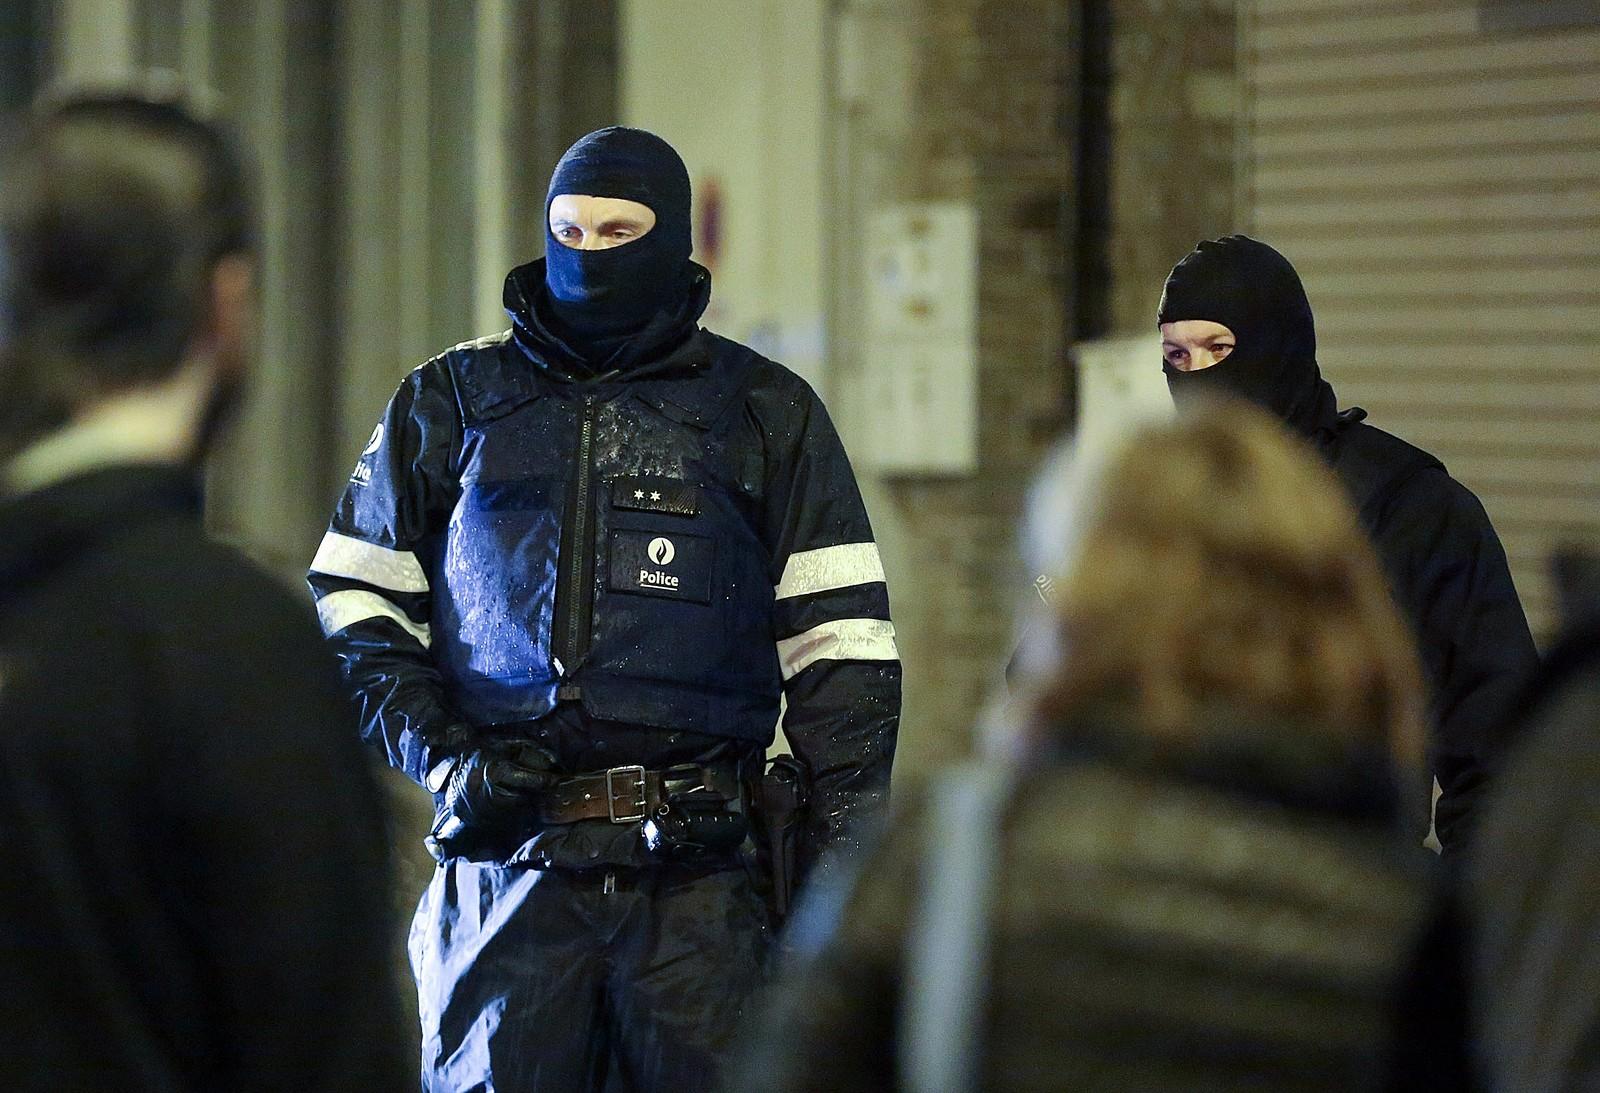 Det var ved 18-tiden torsdag at det ble meldt om flere eksplosjoner og skudd i byen Verviers øst i Belgia. De mistenkte åpnet ild mot politiet før de ble drept, ifølge påtalemyndigheten.